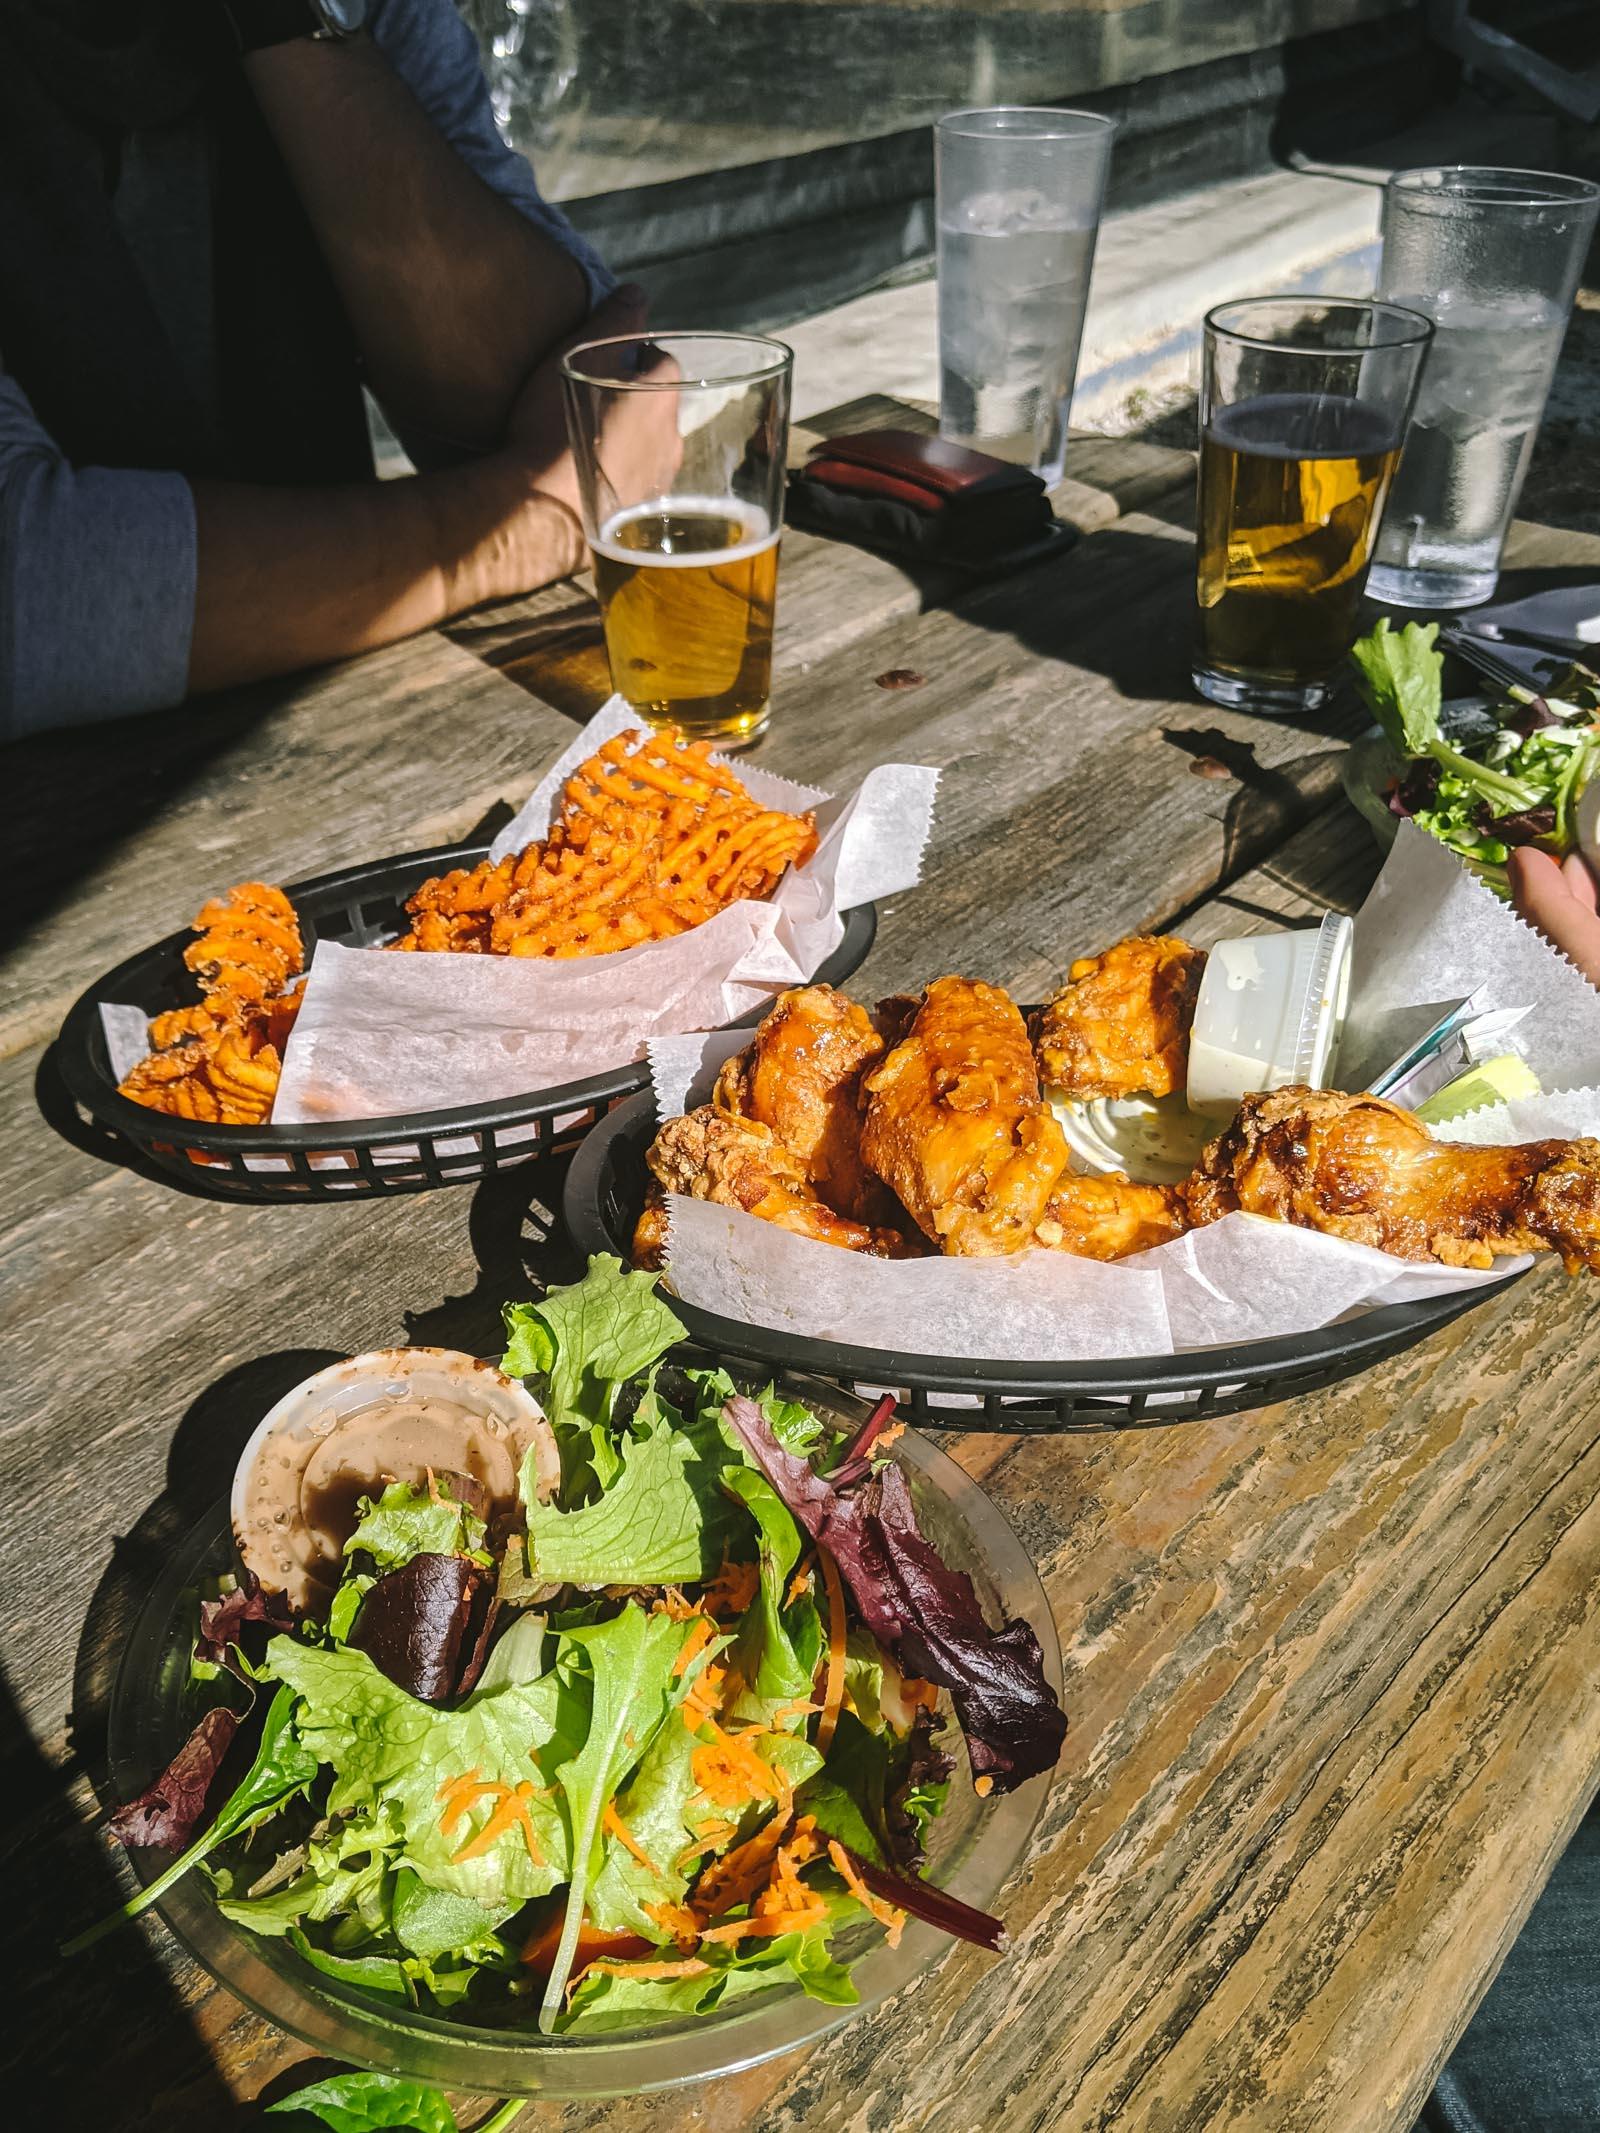 Wings + fries + salad